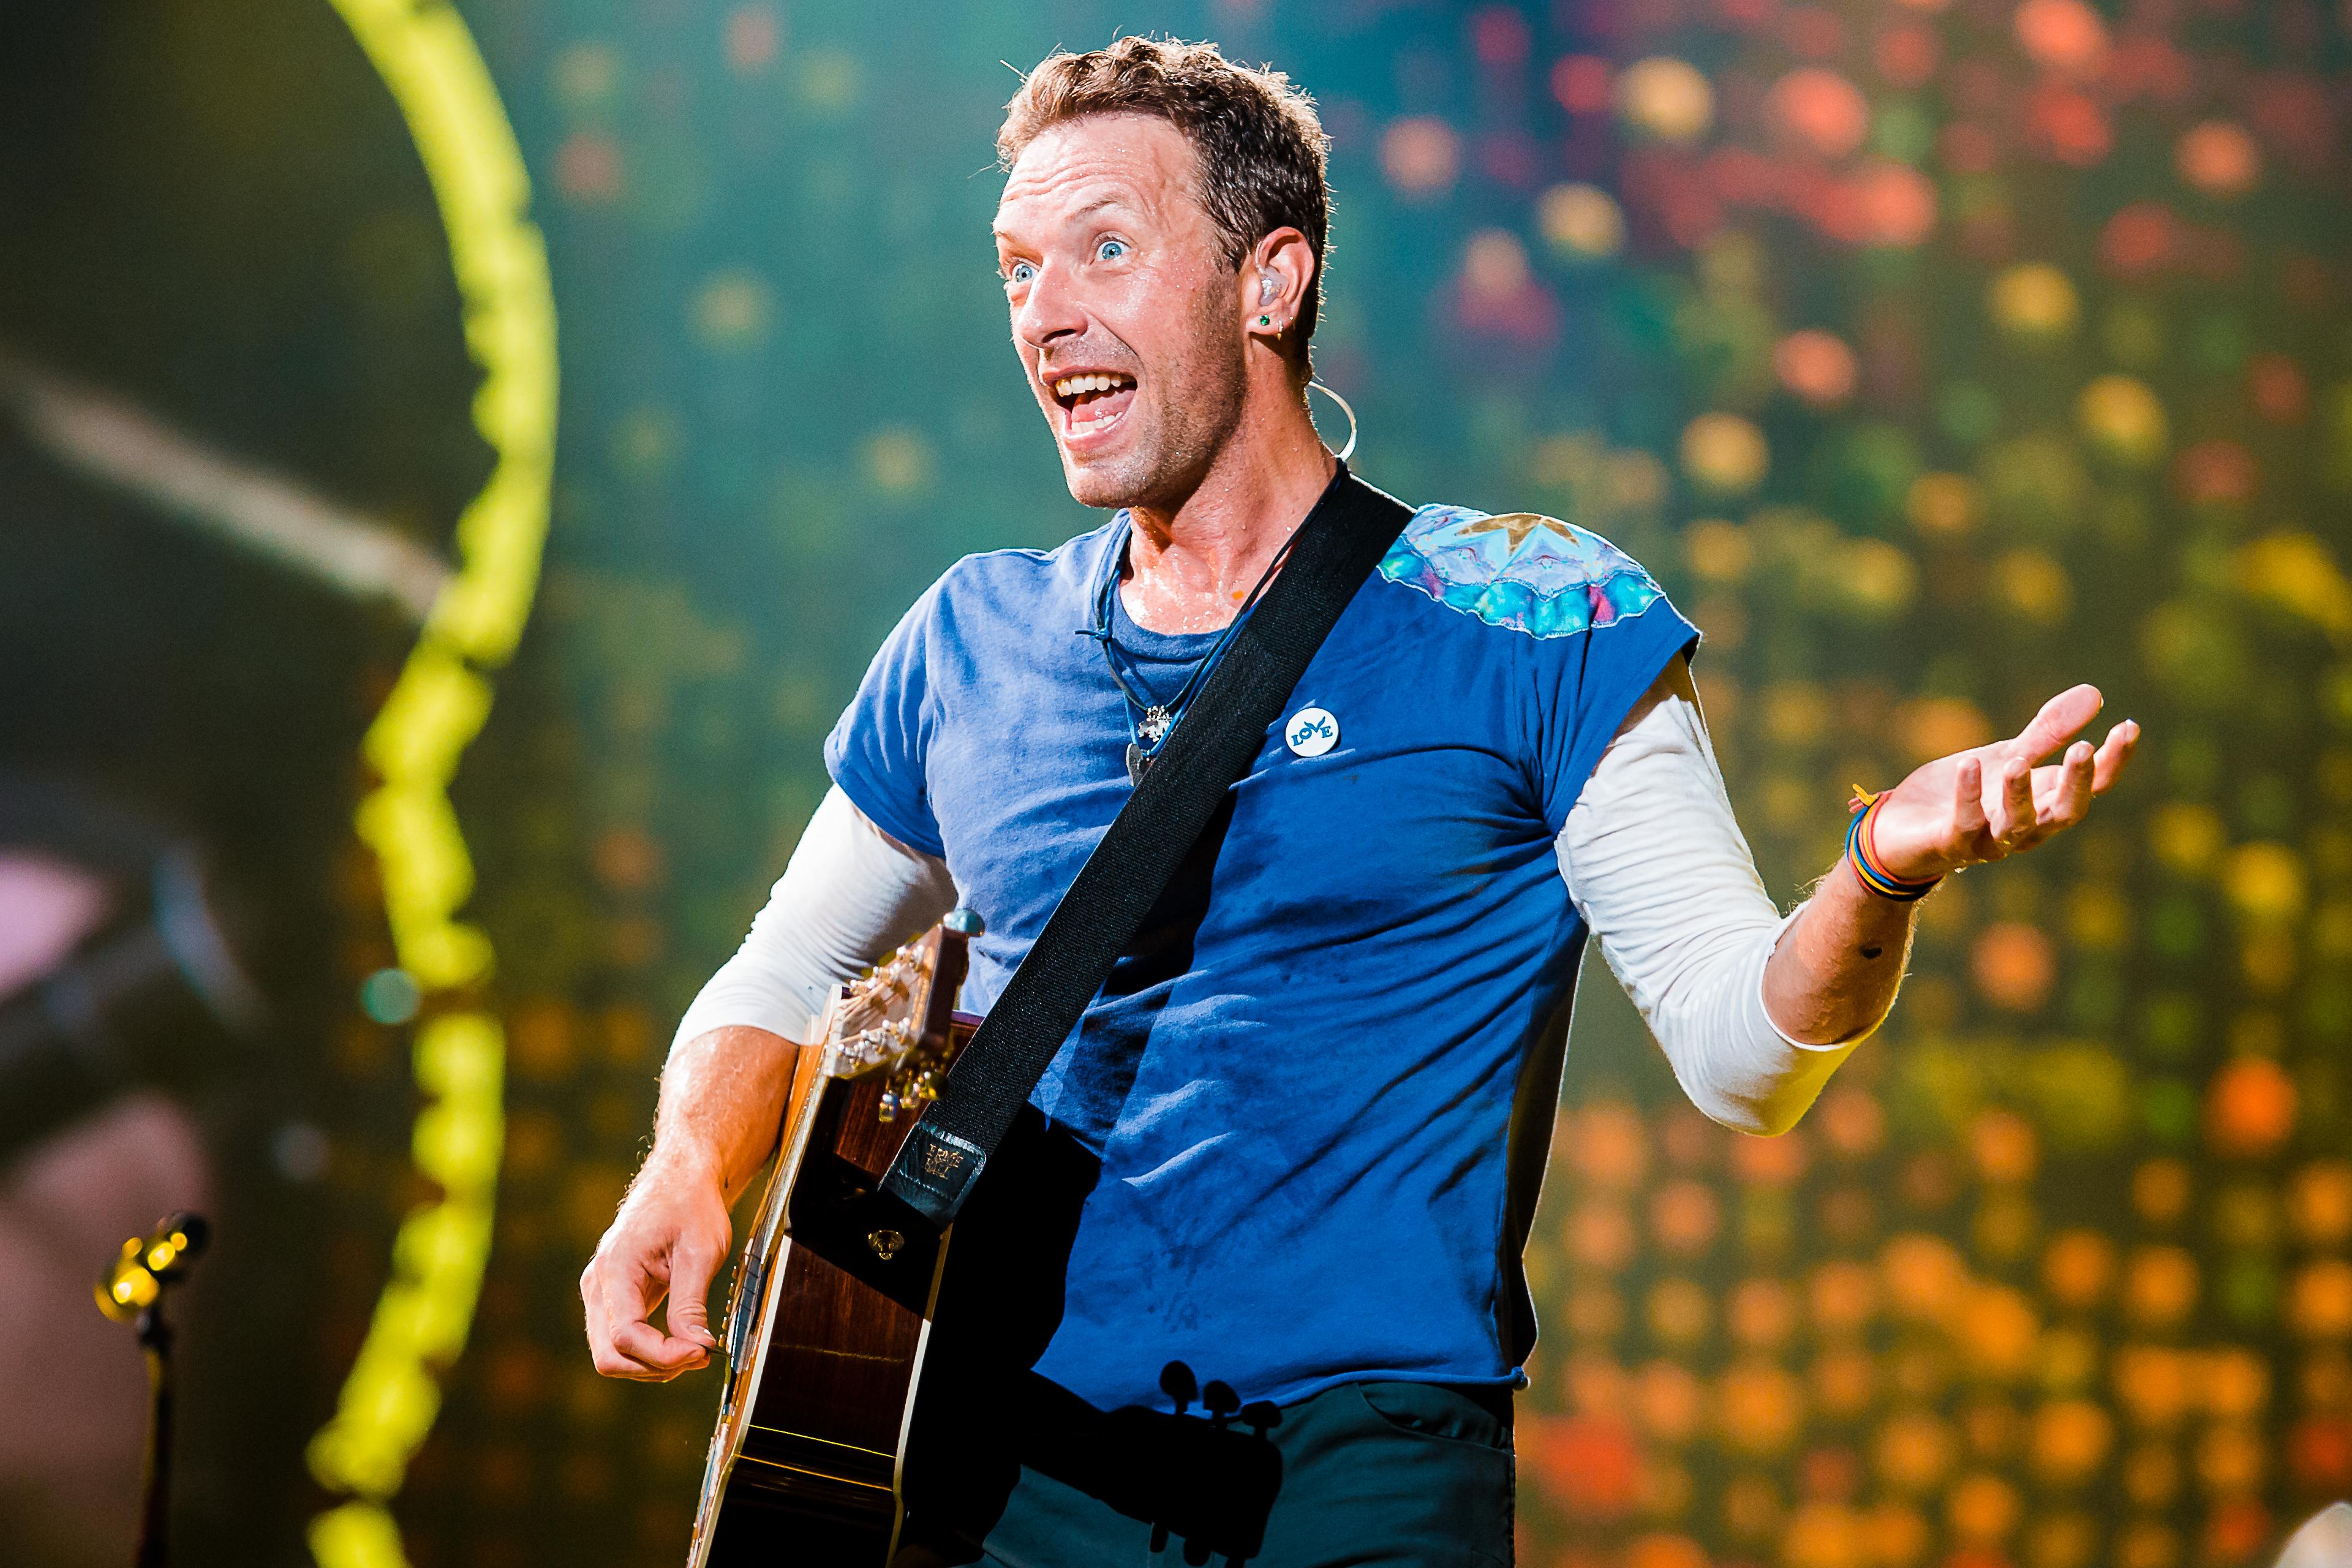 Nueva era, fotos alrededor del mundo y nueva música: Lo que sabemos del regreso de Coldplay